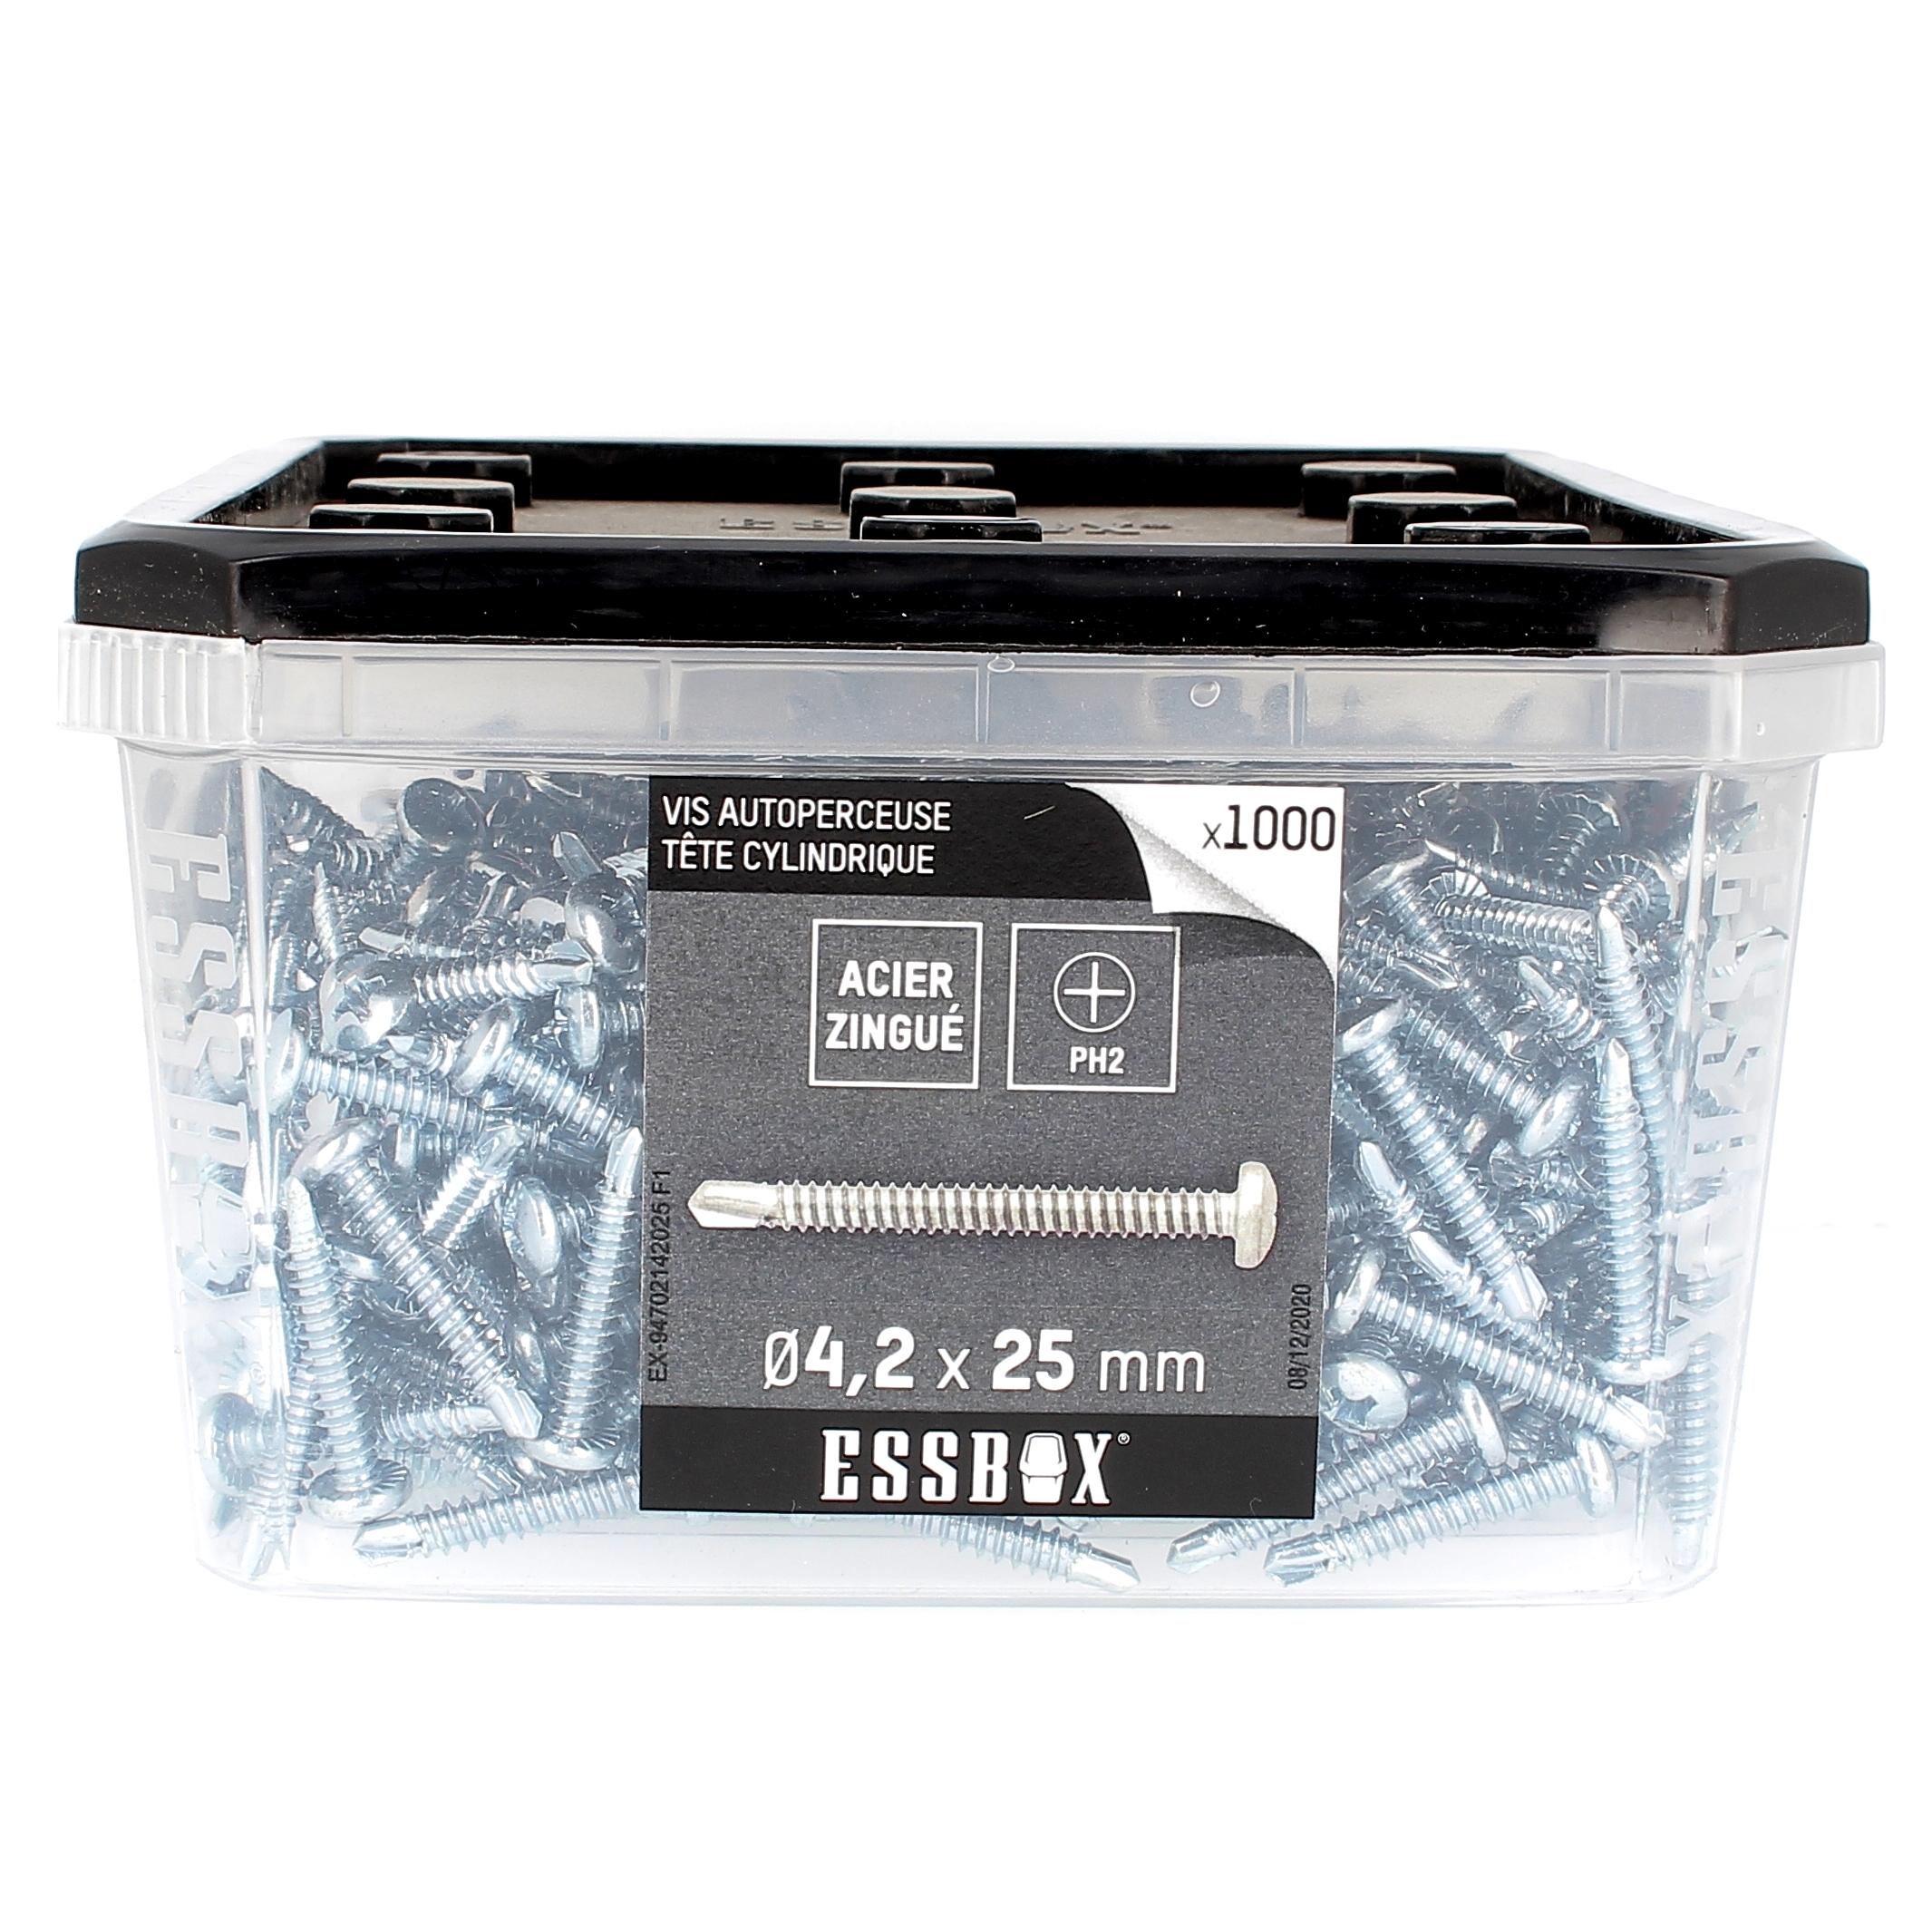 ESSBOX de 1000 Autoperceuses TCC 4.2X25 Zingué